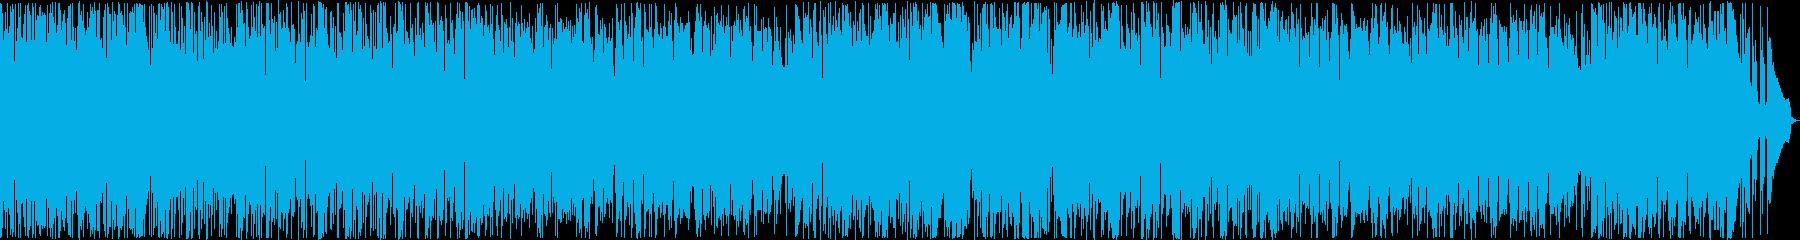 落ち着いたナイロンギターインストの再生済みの波形